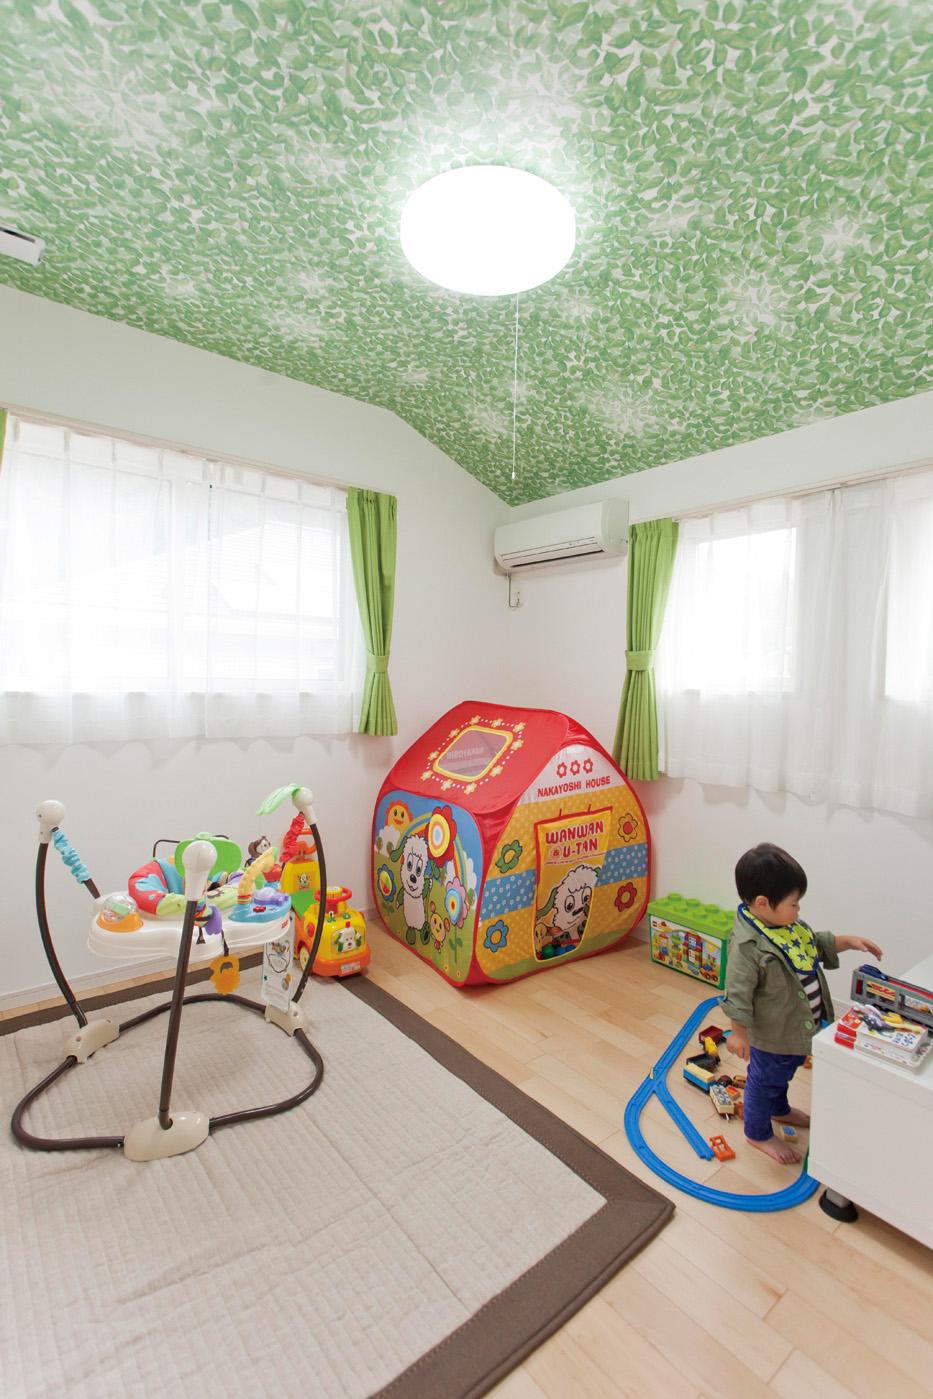 2階にある子供部屋の天井には、木漏れ日や青空をモチーフにしたクロスをチョイス。室内でも自然に触れられ、子供の想像力を育てる環境になっています。